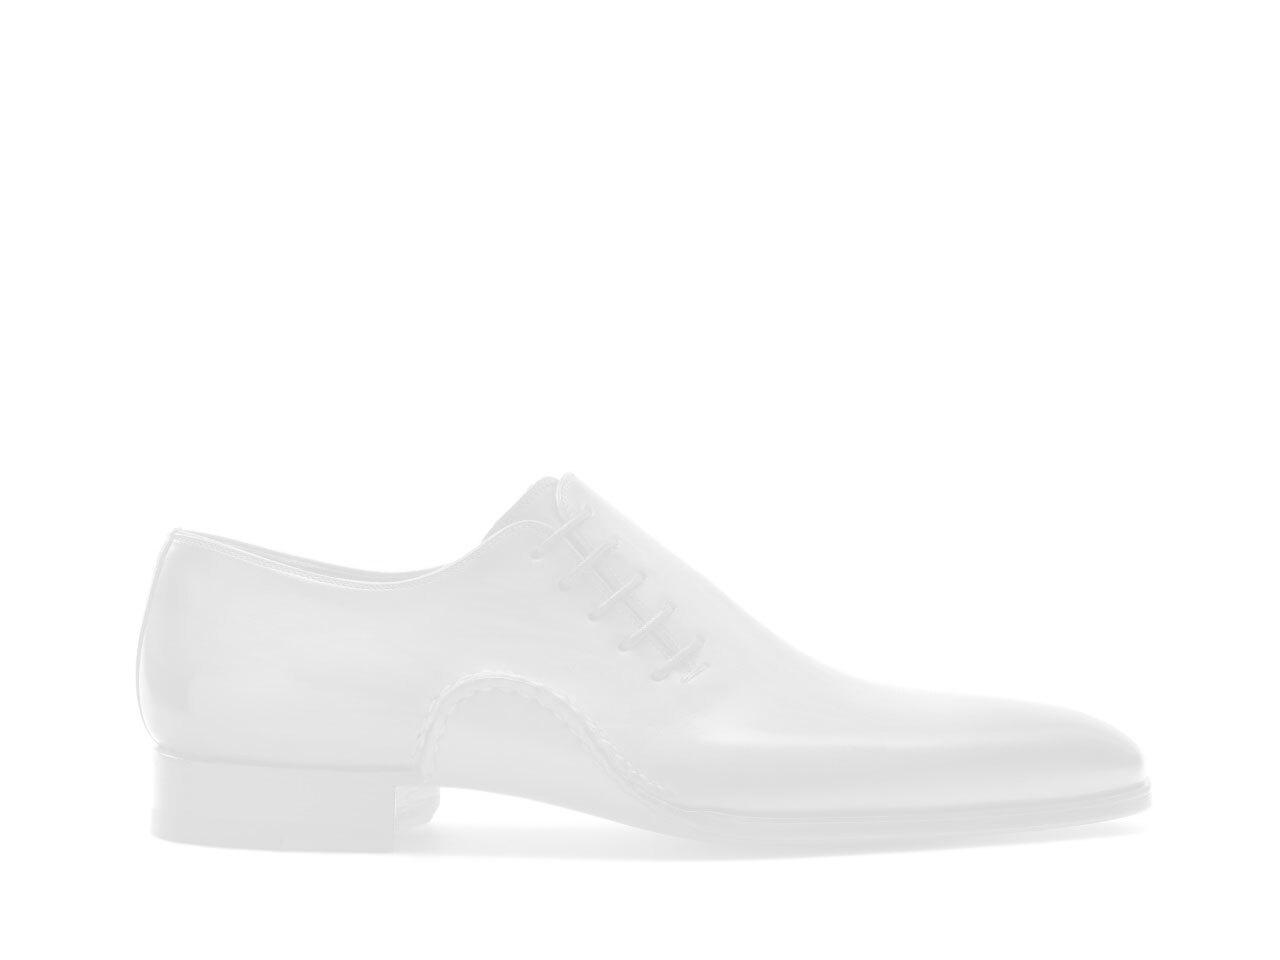 Navy blue leather loafer shoes for men - Magnanni